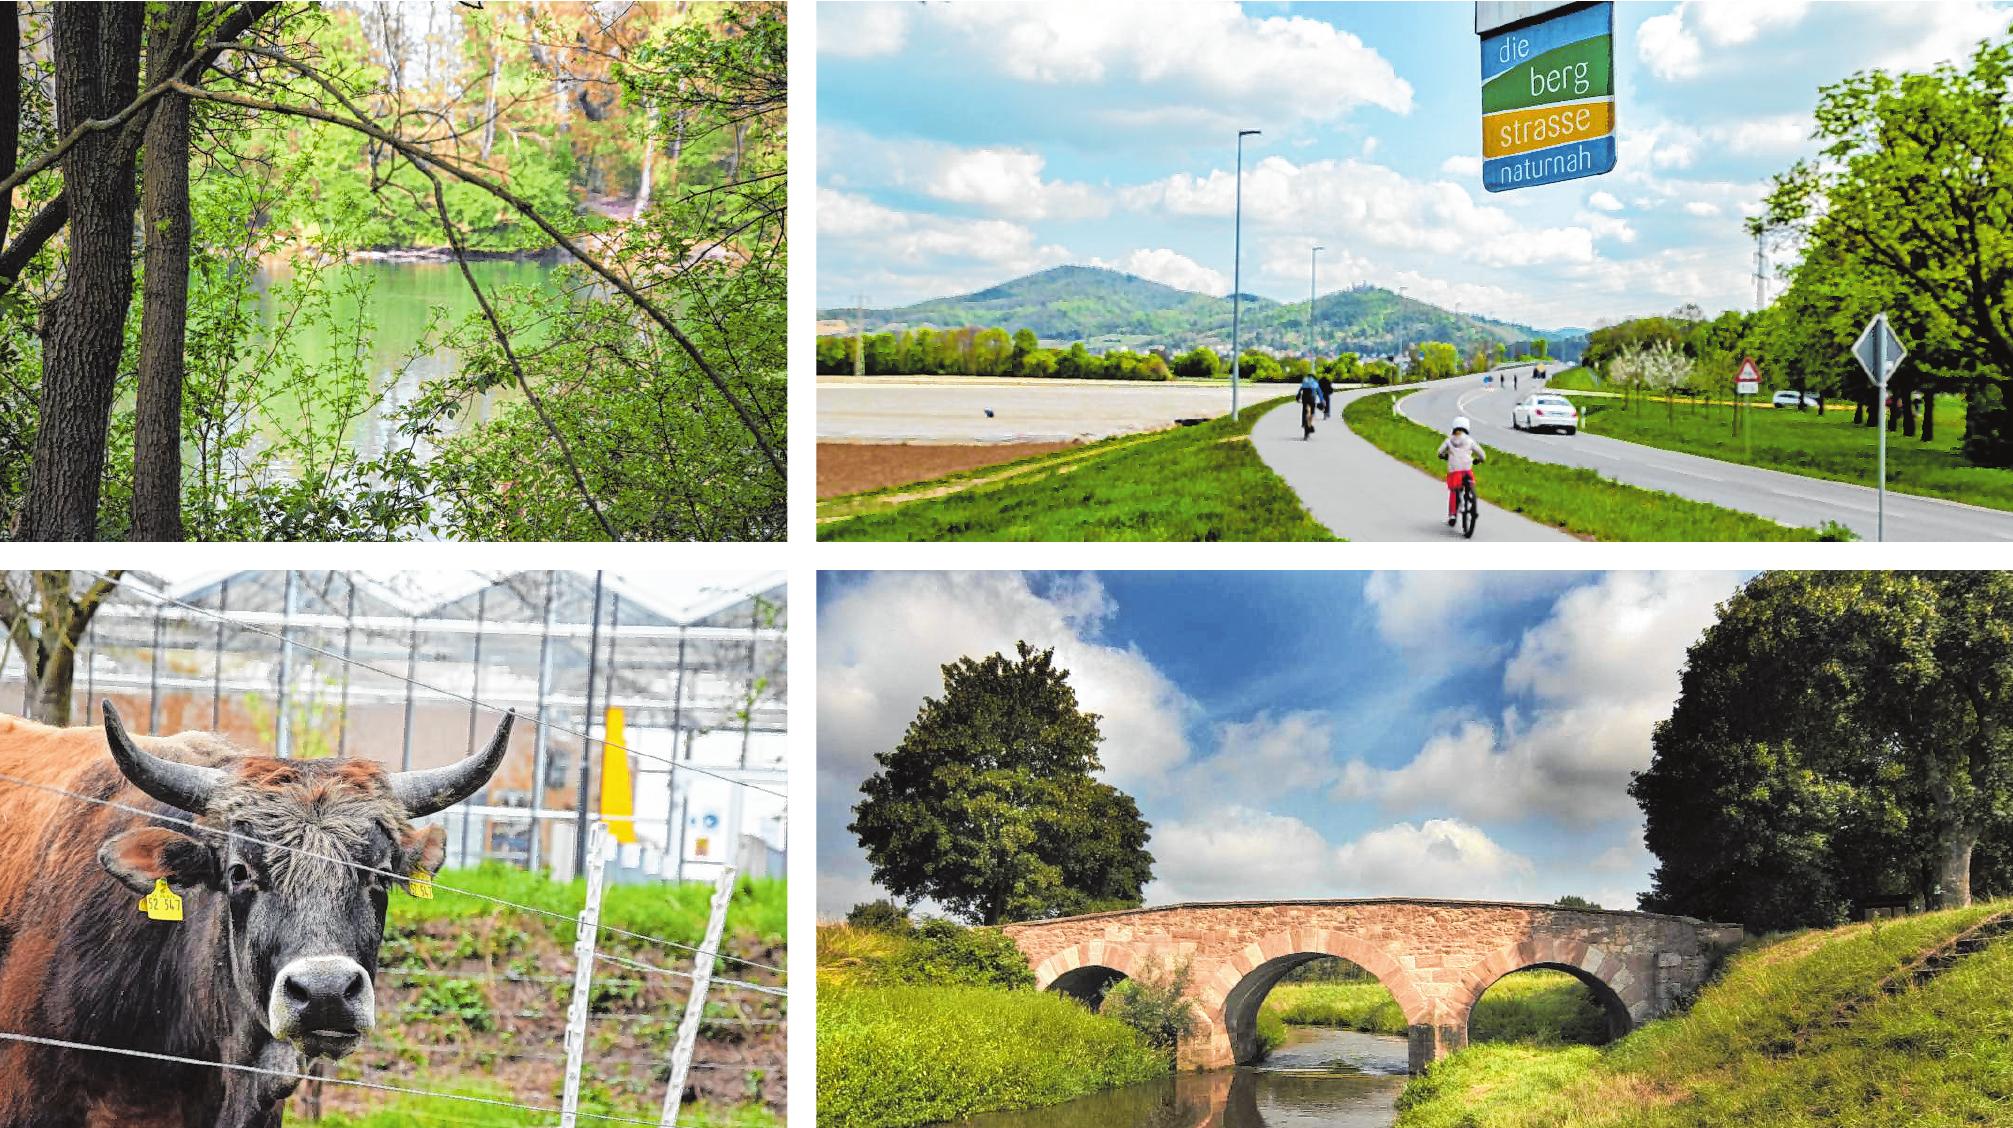 """Erlensee, Lauresham und Wattenheimer Brücke werden auf dem Radweg """"Bergstraße naturnah"""" passiert. Bilder: Thomas Tritsch, Thomas Neu"""